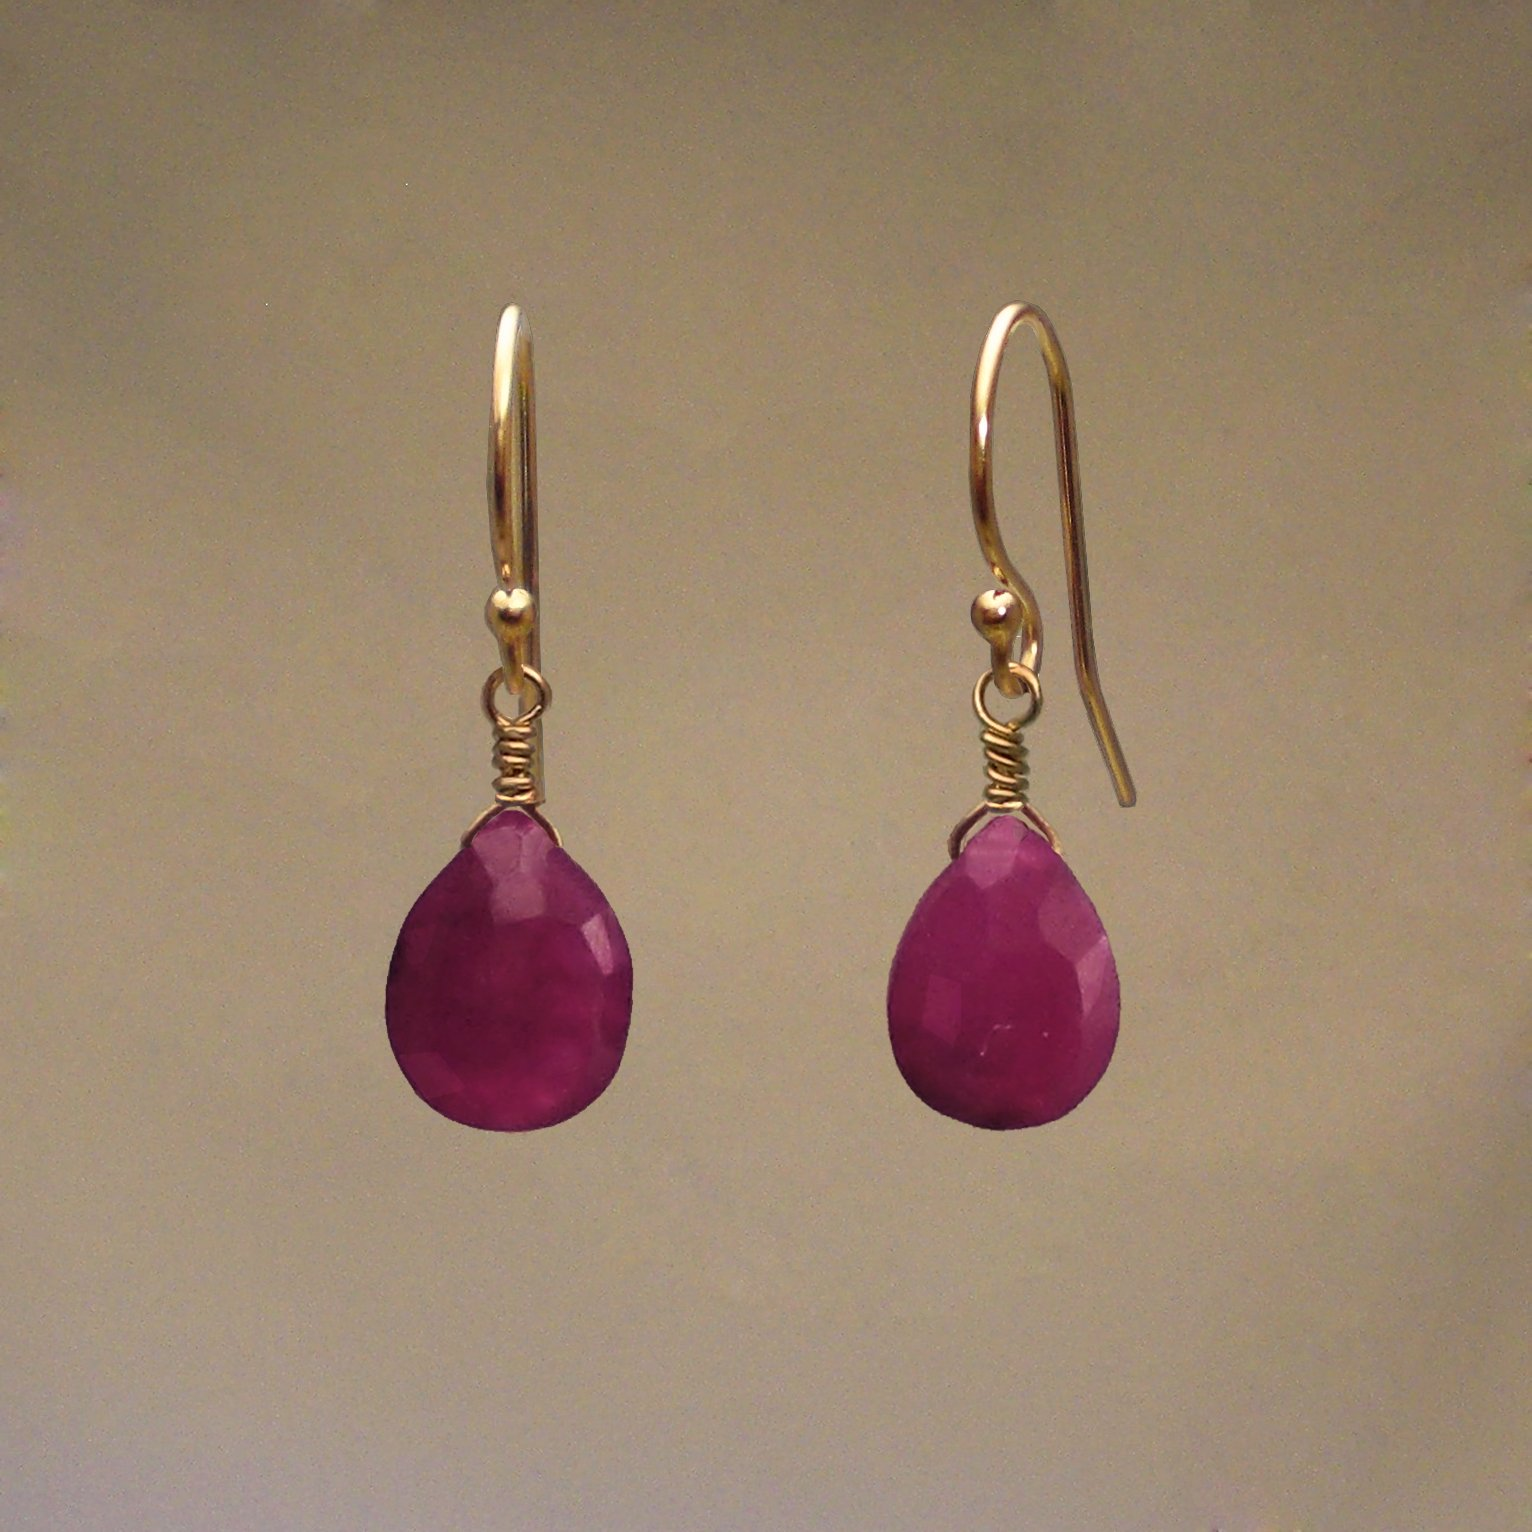 Ruby Gem Drop Earrings